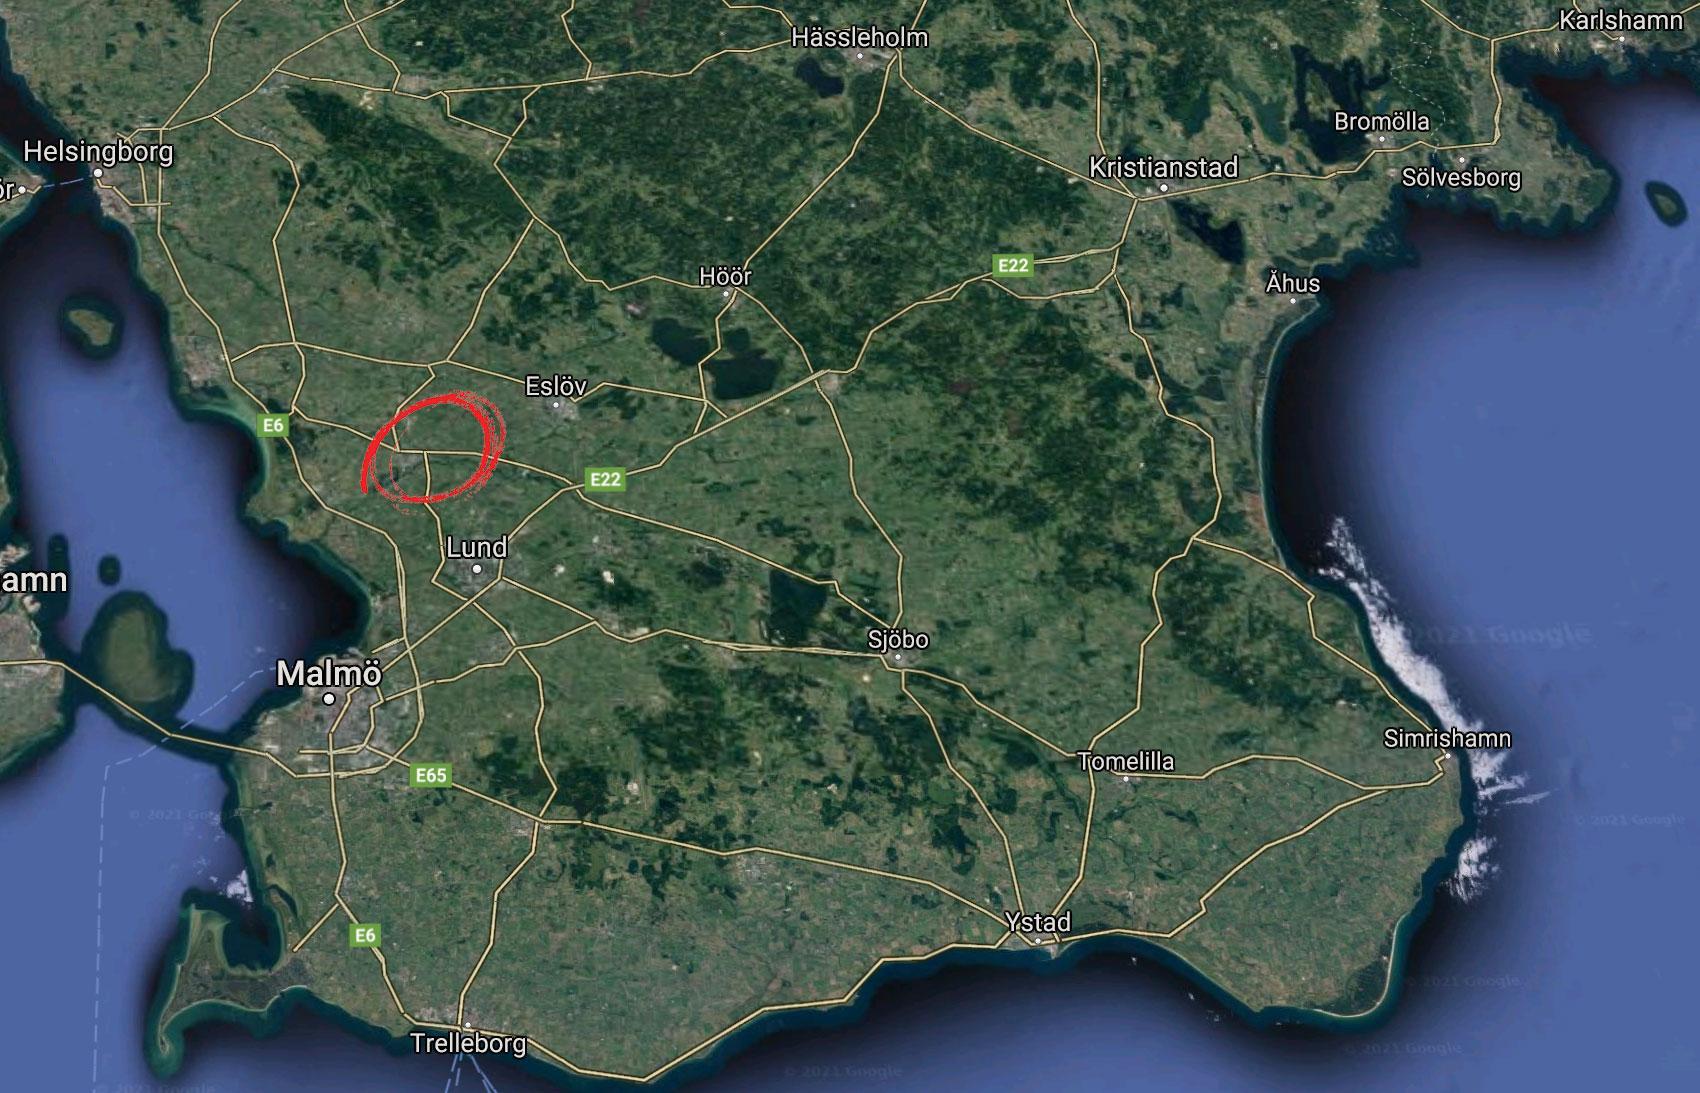 Drygt 32 000 personer bor i Kävlinge kommun i Skåne.